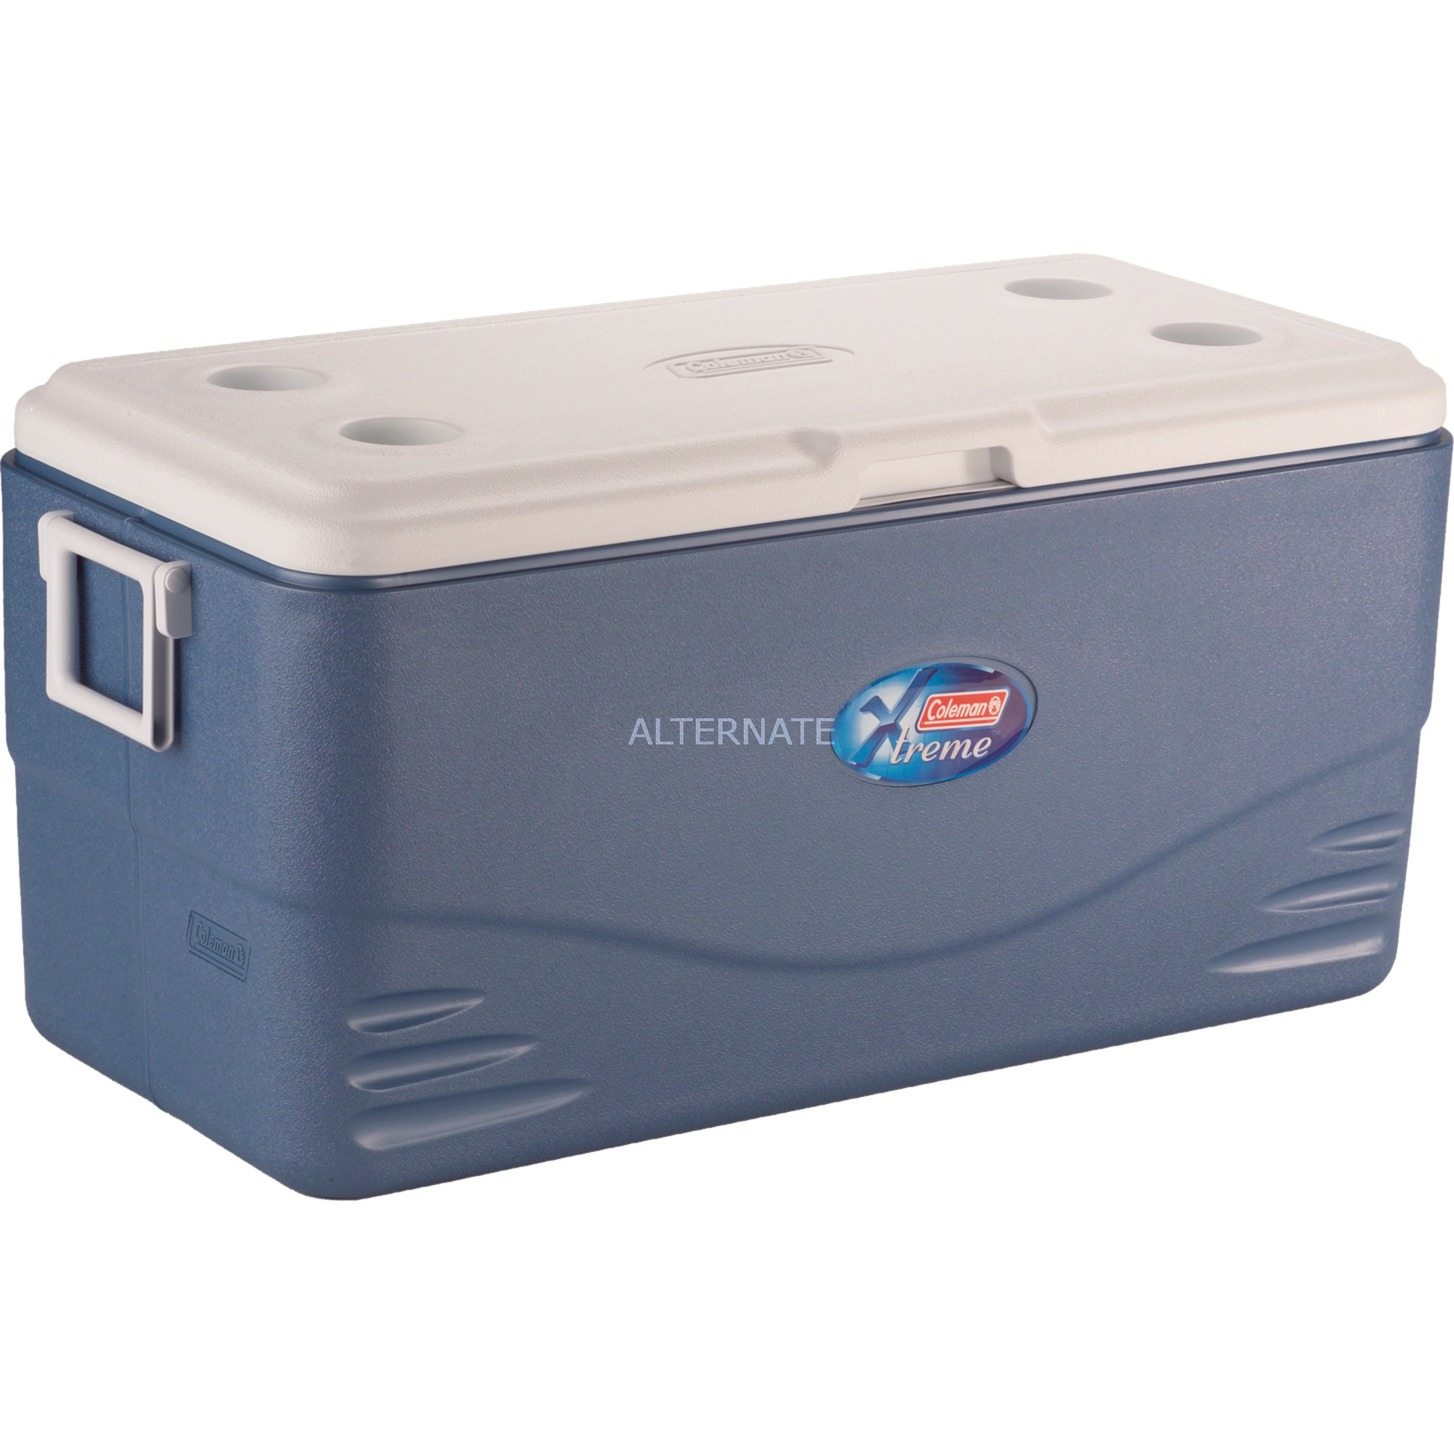 100 QT Xtreme nevera portátil Azul, Gris 90 L